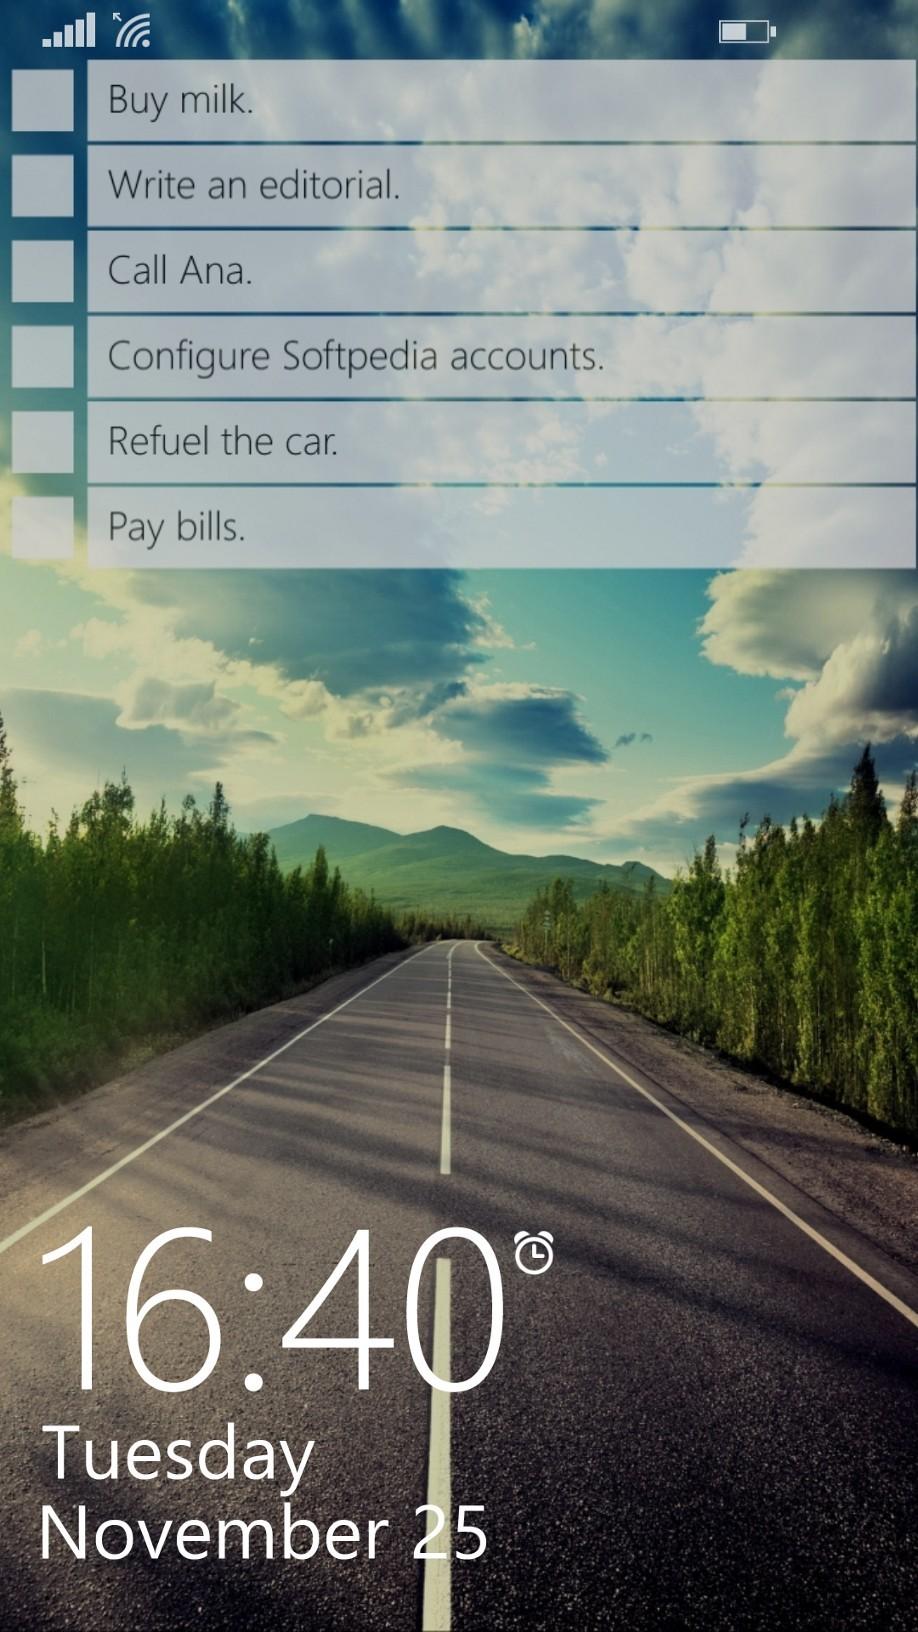 phone windows lockscreen app todo lock screen